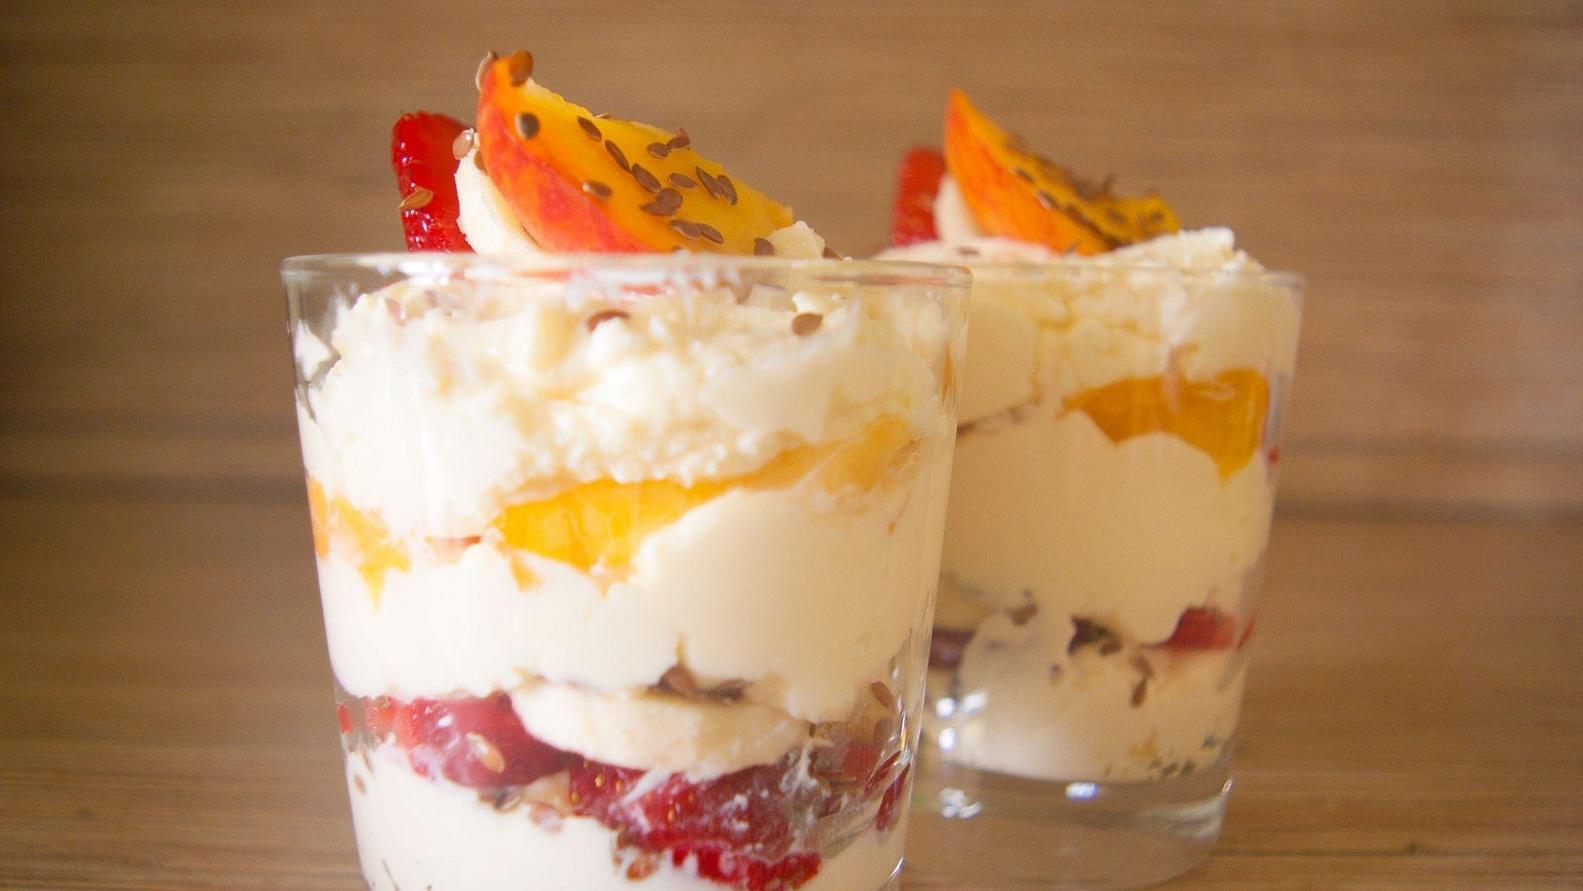 Десерты Для Низкокалорийной Диеты. 4 низкокалорийных пп десерта: вкусно, просто, дешево, полезно!